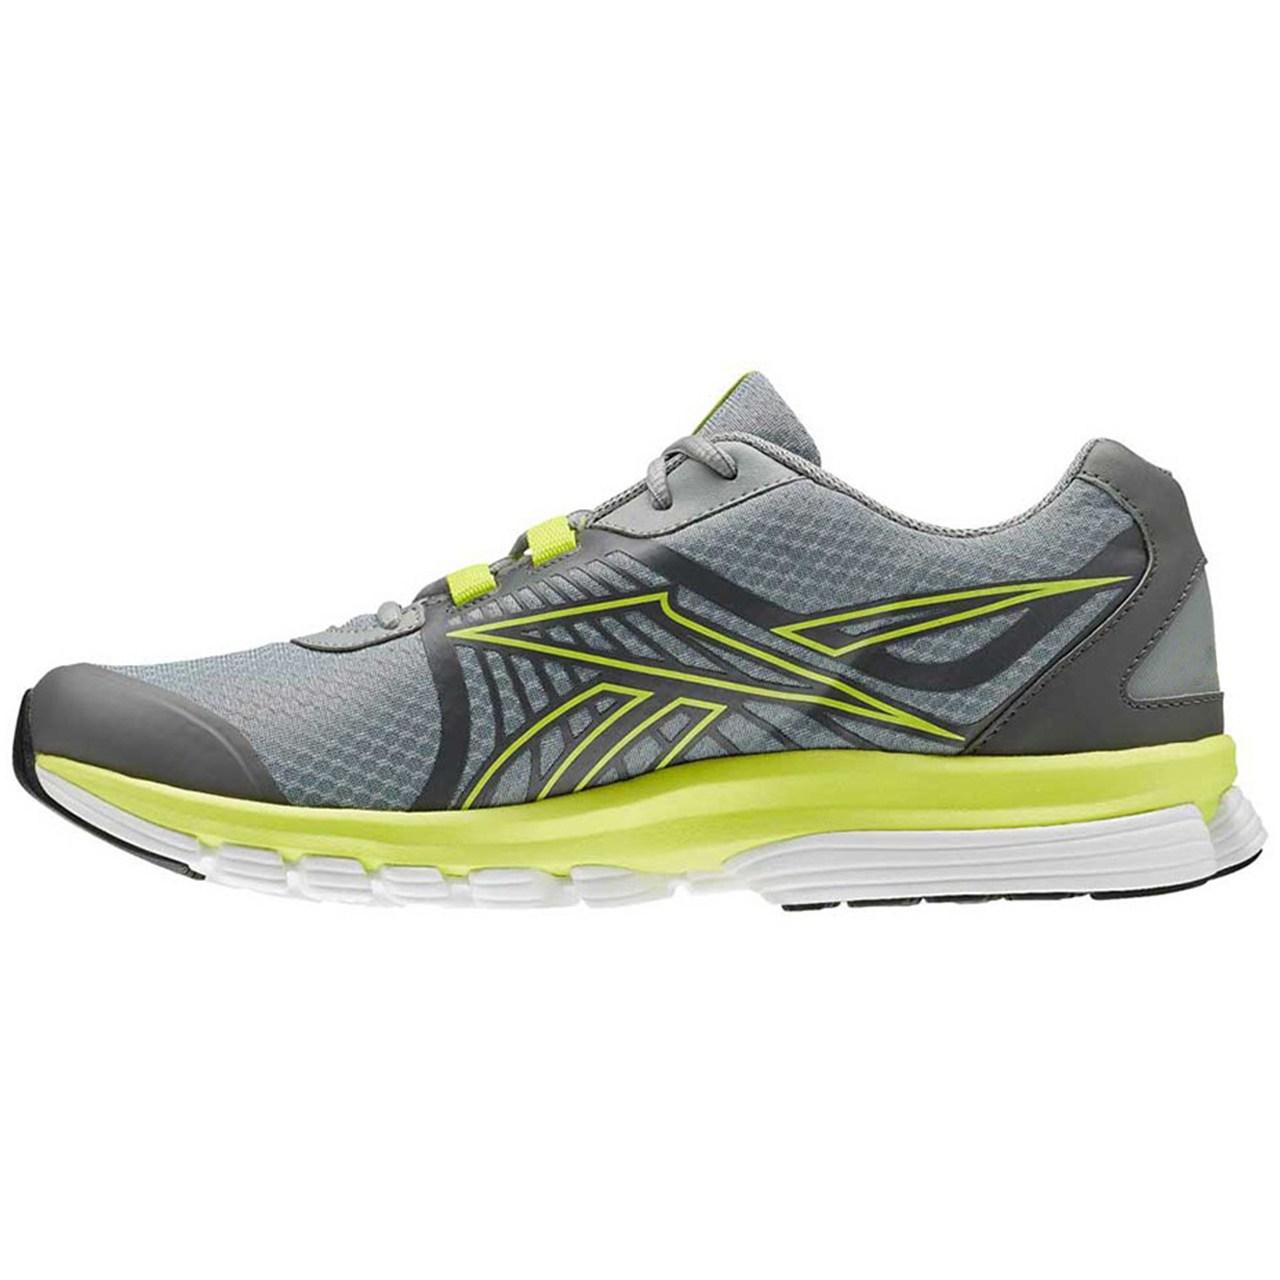 قیمت کفش مخصوص دویدن مردانه ریباک مدل Sublite Super Duo Speed